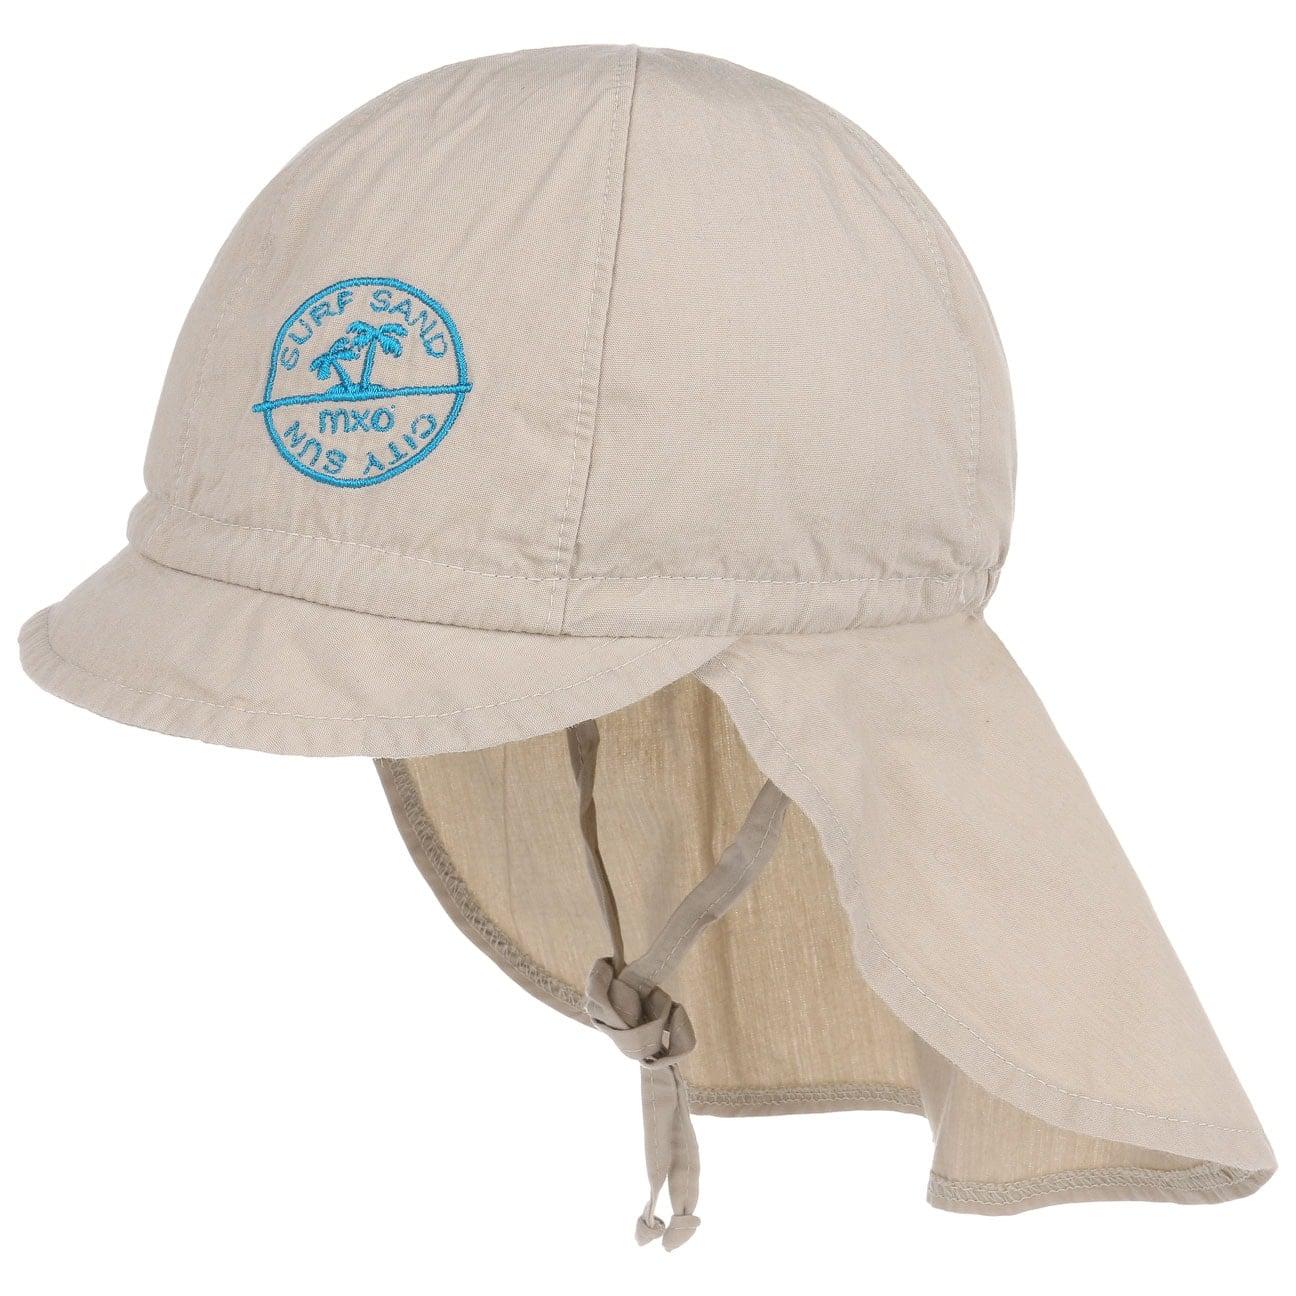 Gorra de Ni?o Thilo con Cubrenuca by maximo  gorra de playa